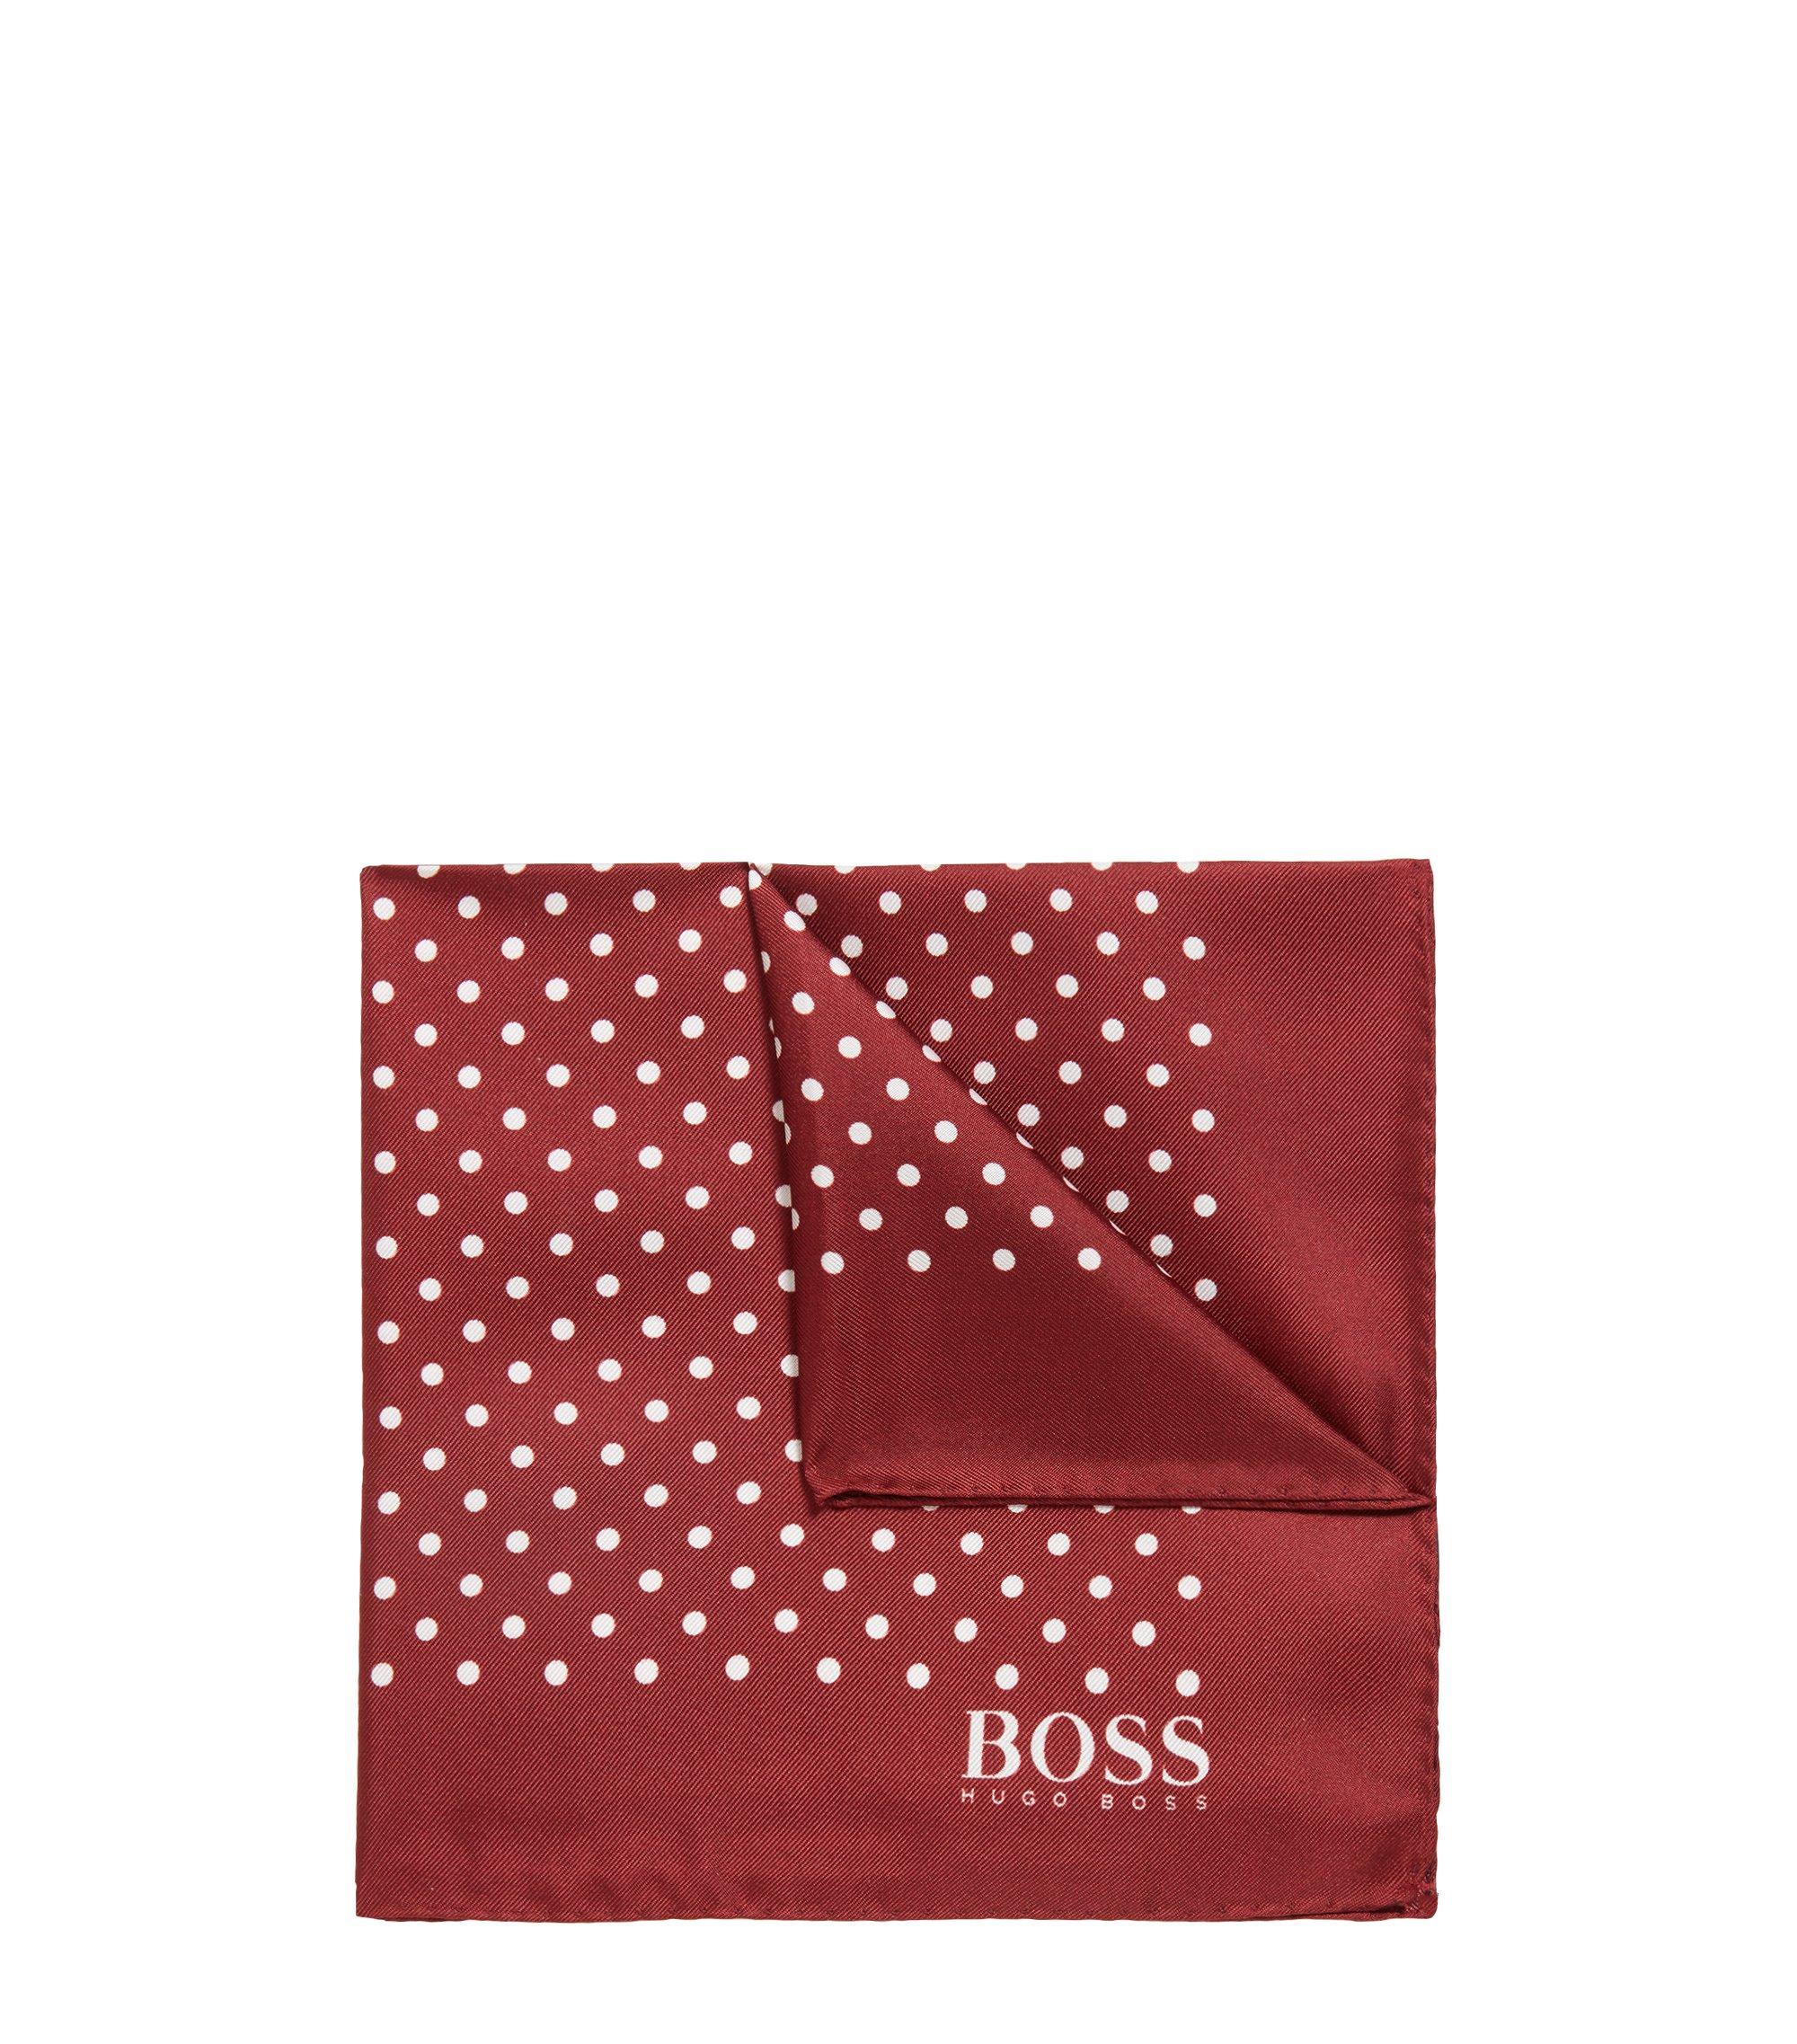 Pañuelo de bolsillo de seda con estampado de lunares y dobladillo enrollado, Rojo oscuro